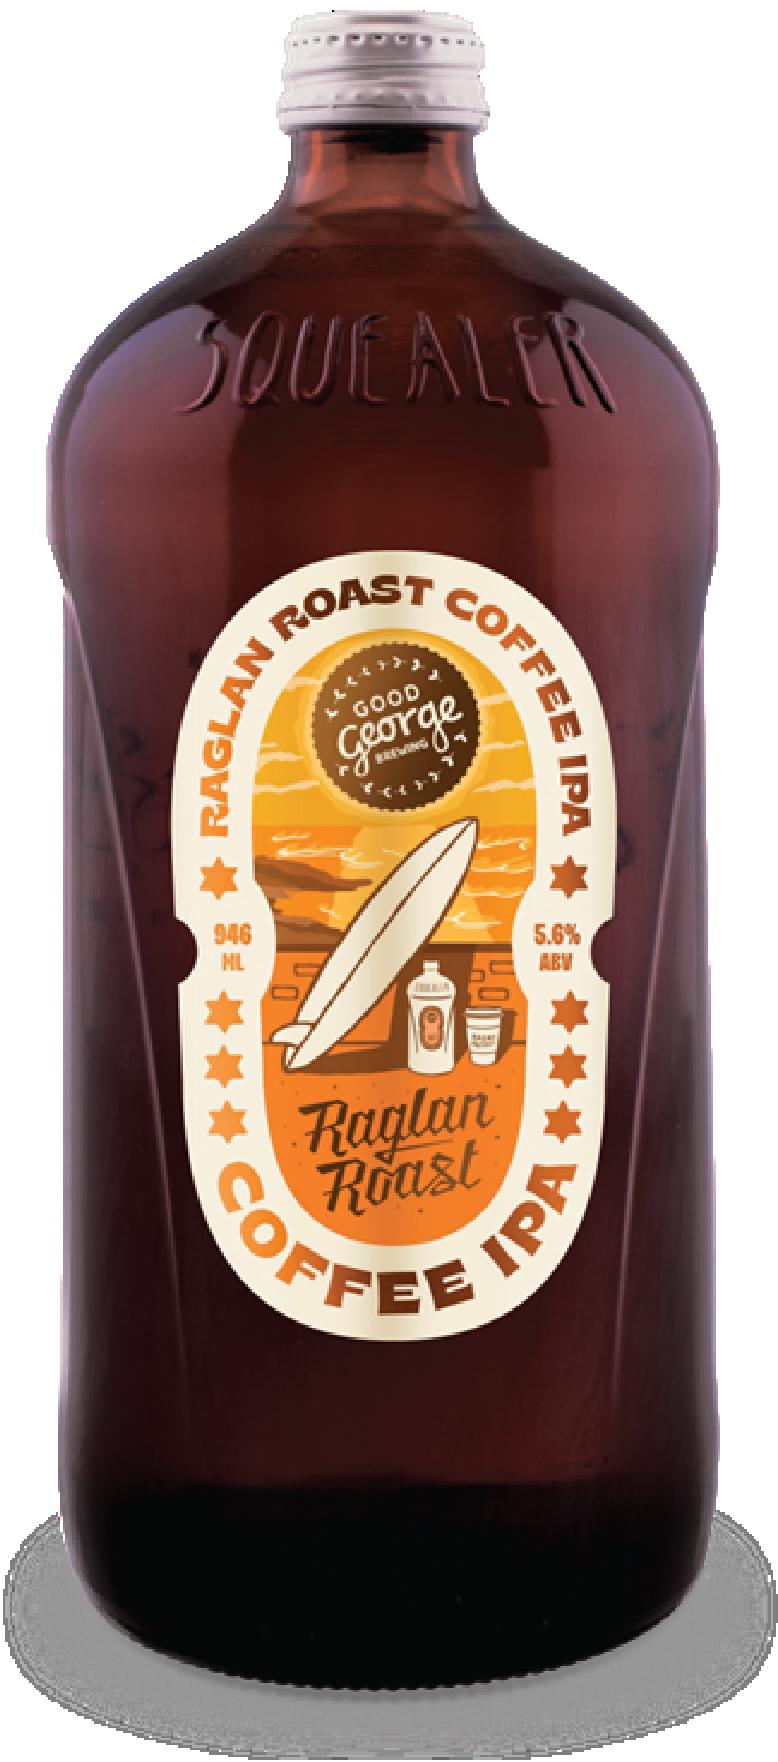 Good George Raglan Roast Coffee IPA